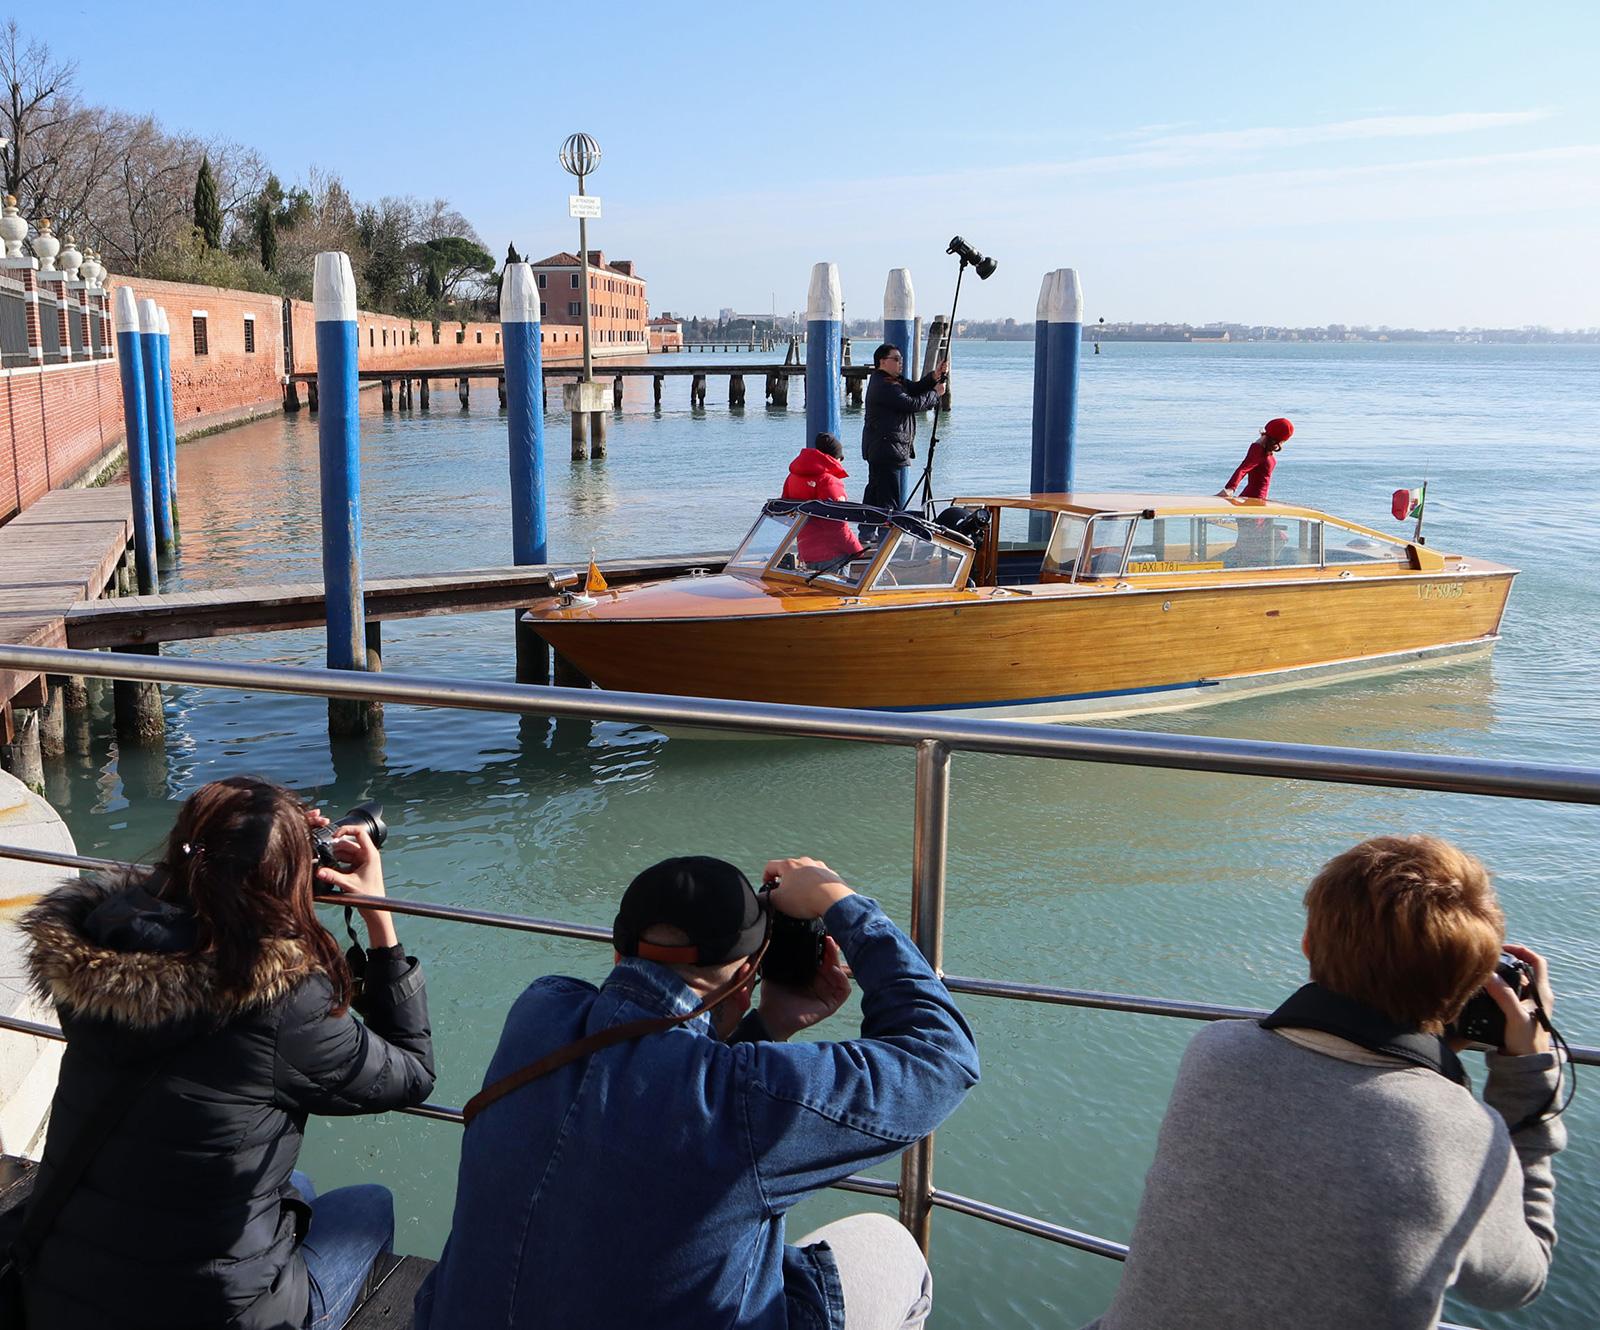 HOMO FABER à la Fondazione Giorgio Cini, Île de San Giorgio Maggiore, Venise, Italie.